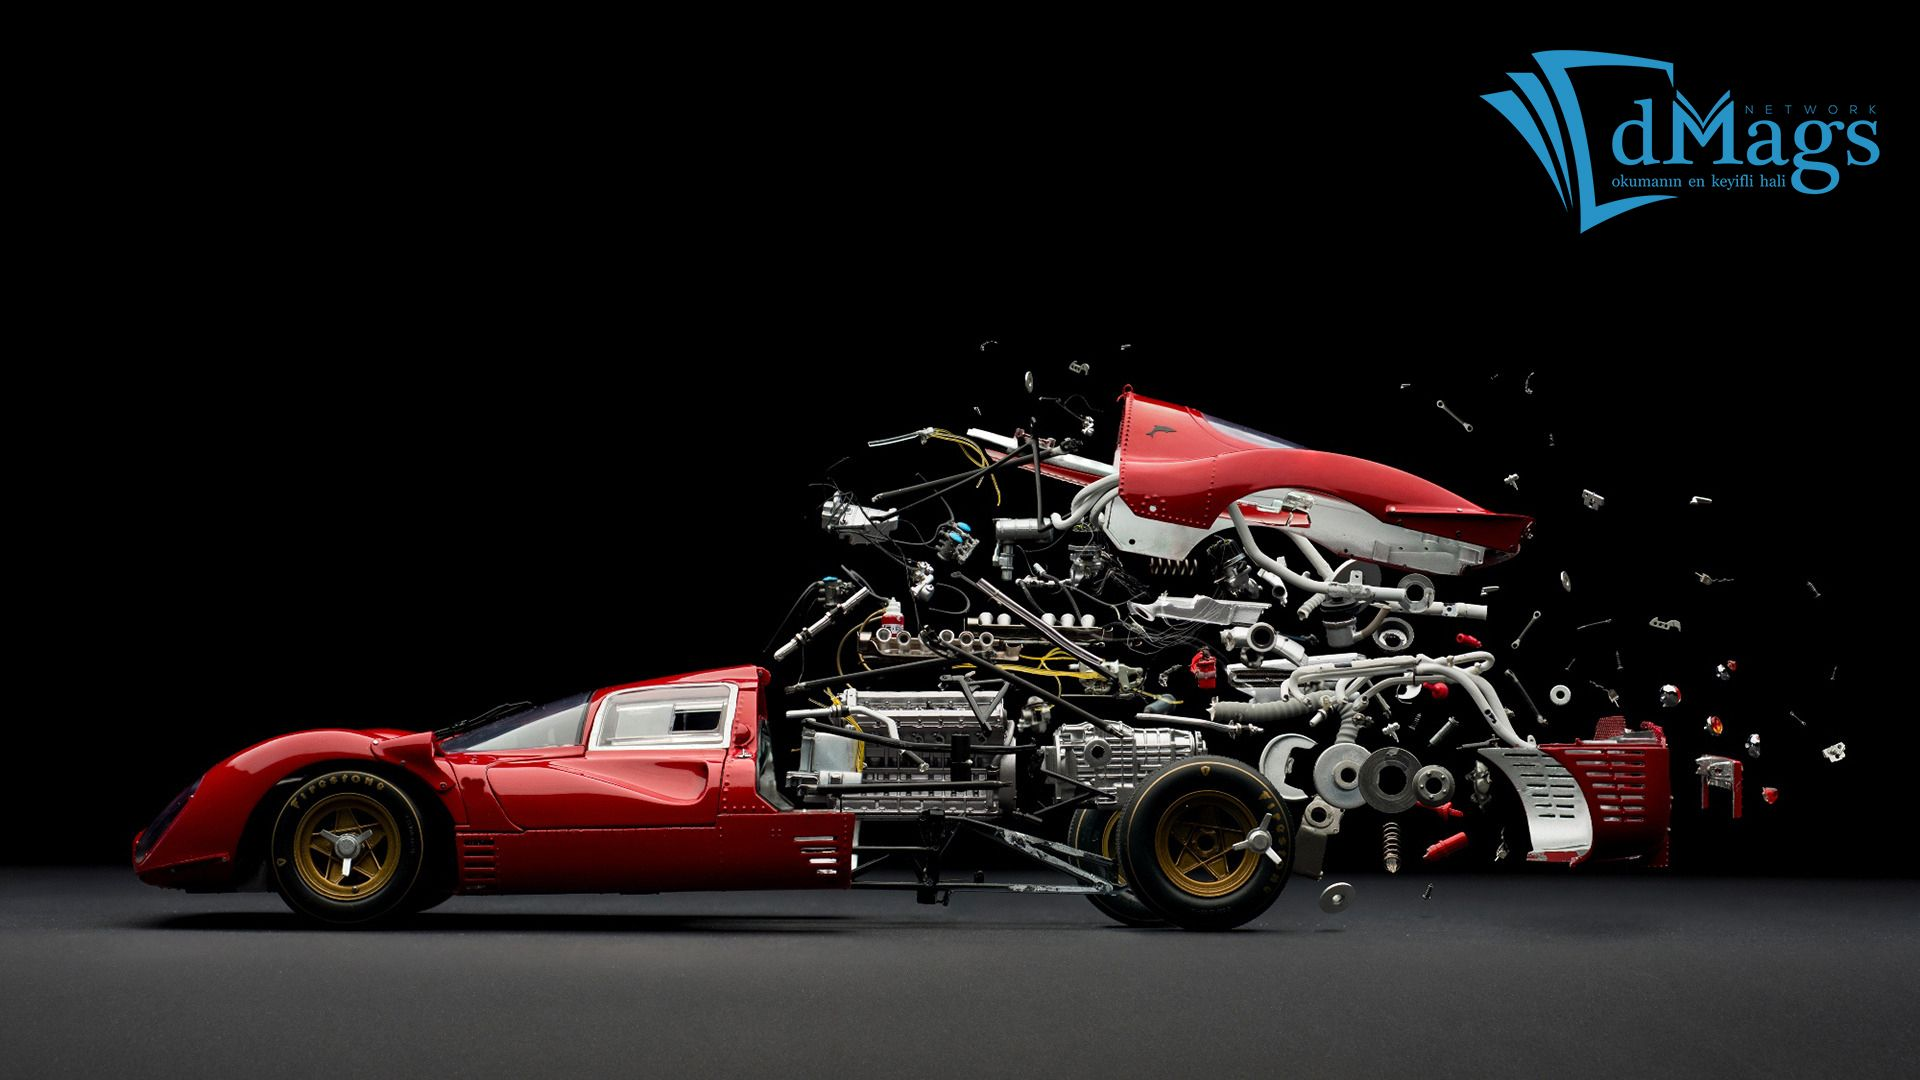 Otomatik mi? Manuel mi? Dizel mi? Benzinli mi? Hangi otomobilin yedek parçaları daha maliyetsiz? Hangi otomobillerin ikinci el satışları daha hızlı? İşi uzmanlarından okumak için dMags Network otomobil dergilerine bekliyoruz!